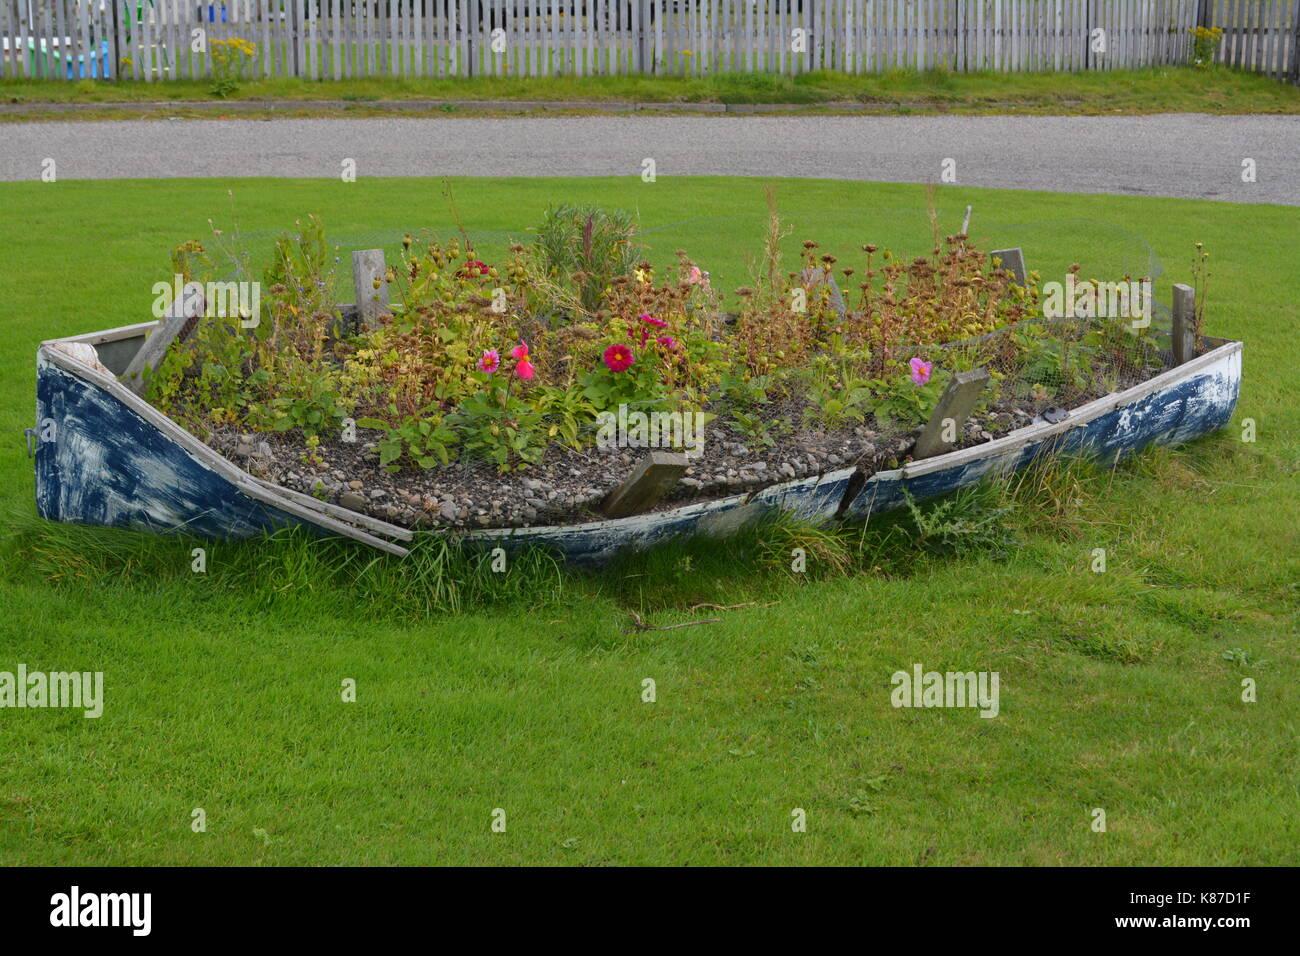 Alte Ruderboot Auf Rasen Als Blumenbeet Re Alternative